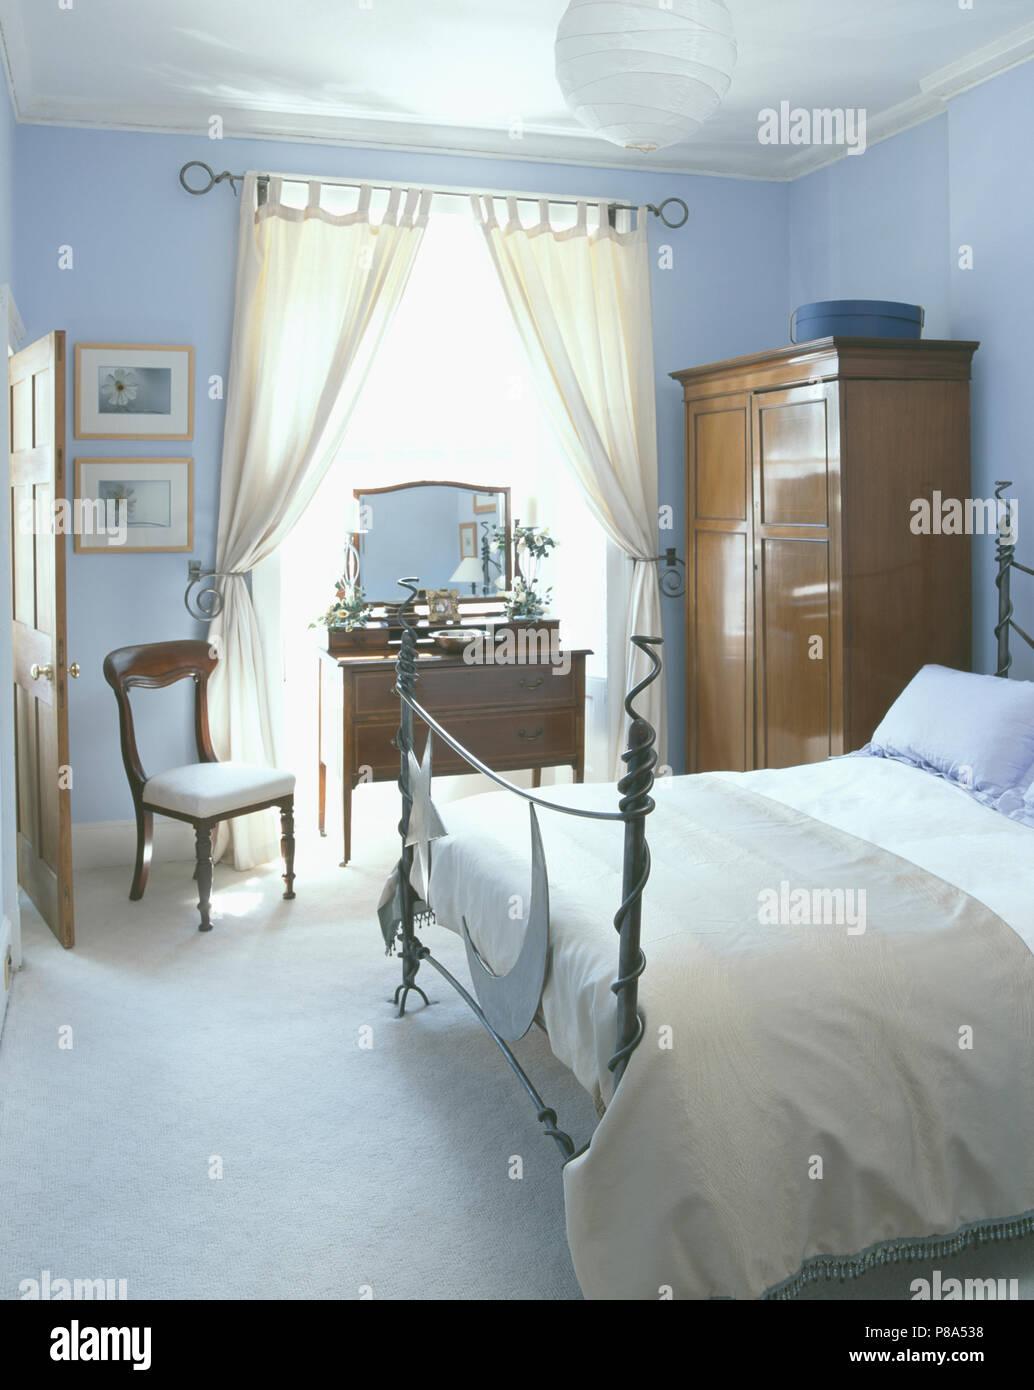 Moderne Schmiedeeisernes Bett In Pastell Blaue Schlafzimmer Mit